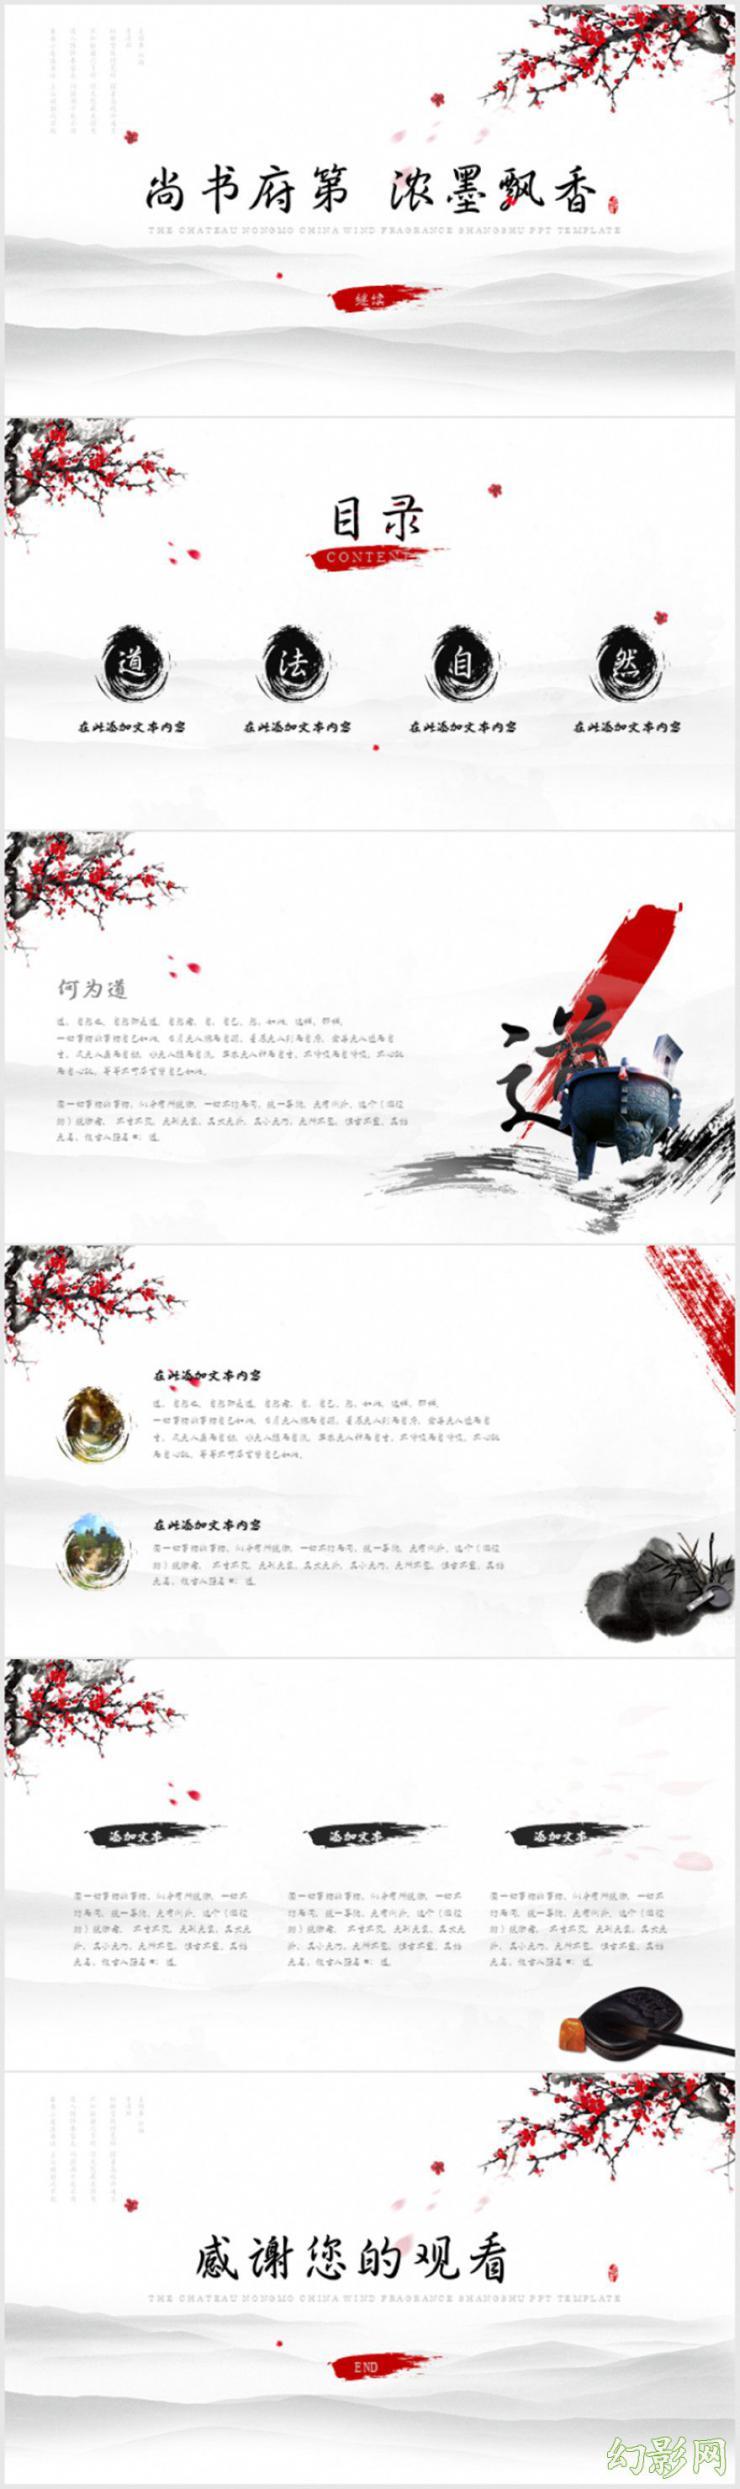 冬梅中国风水墨PPT模版